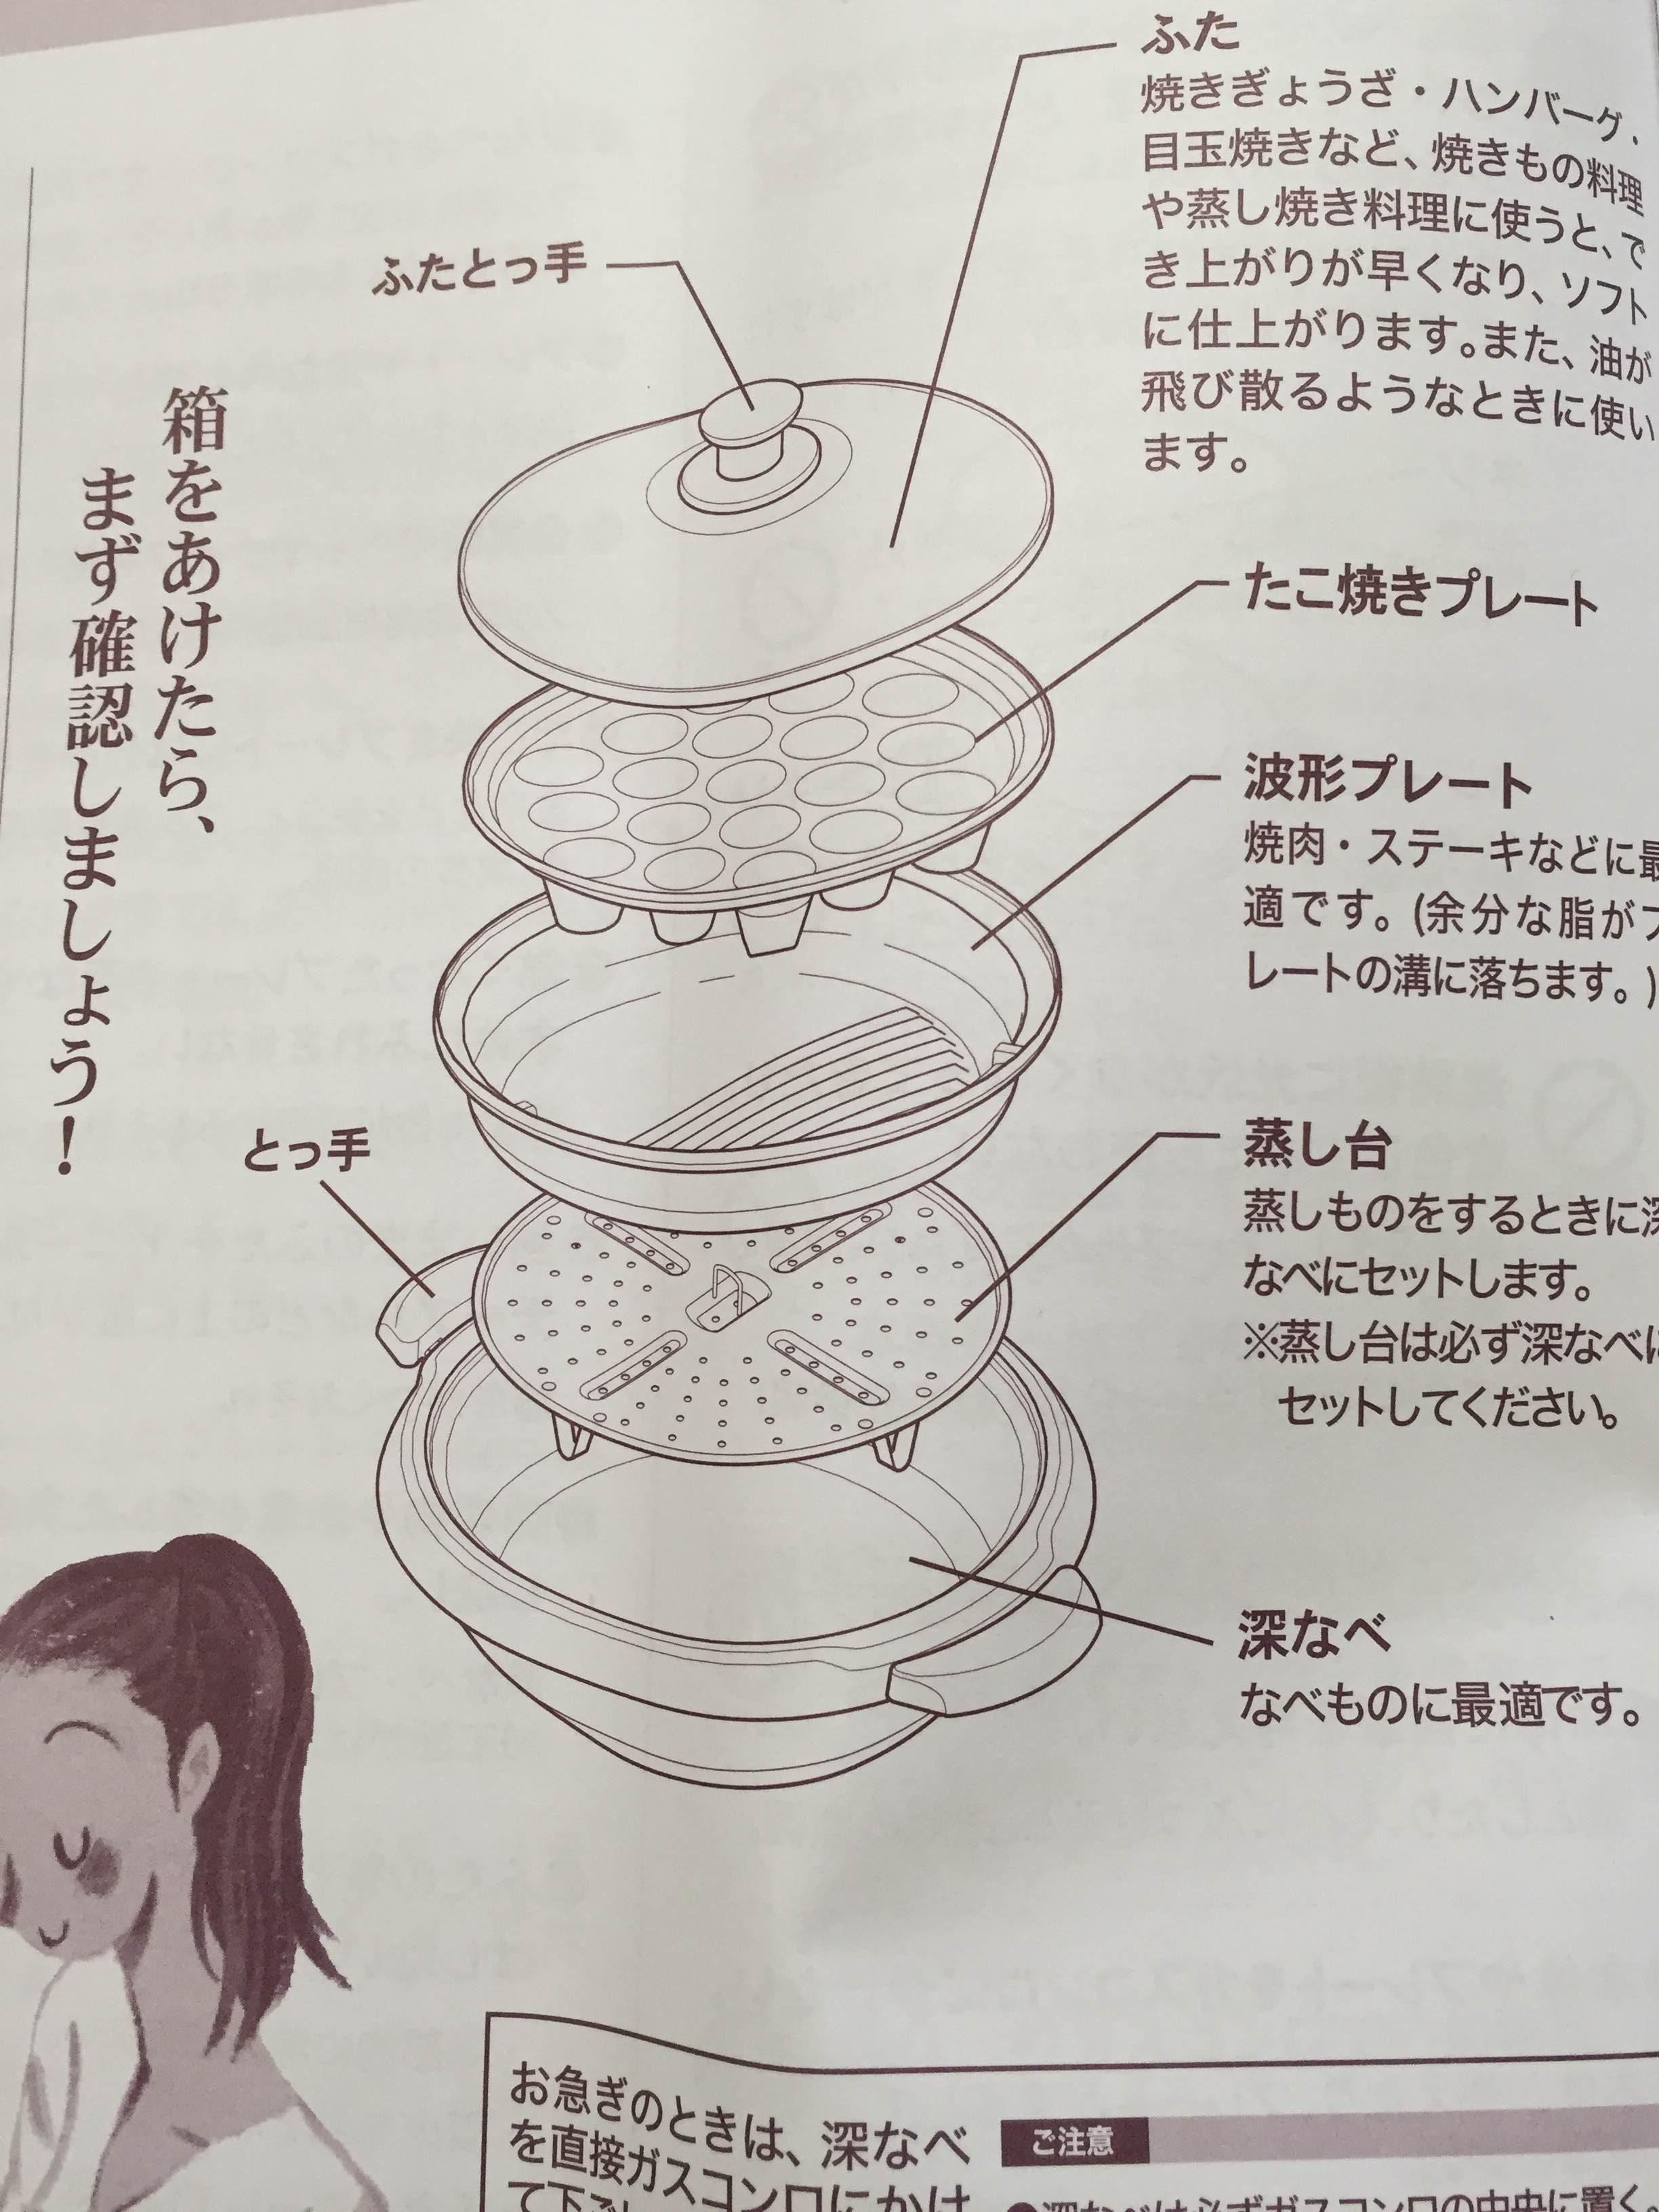 タイガーグリル鍋説明書